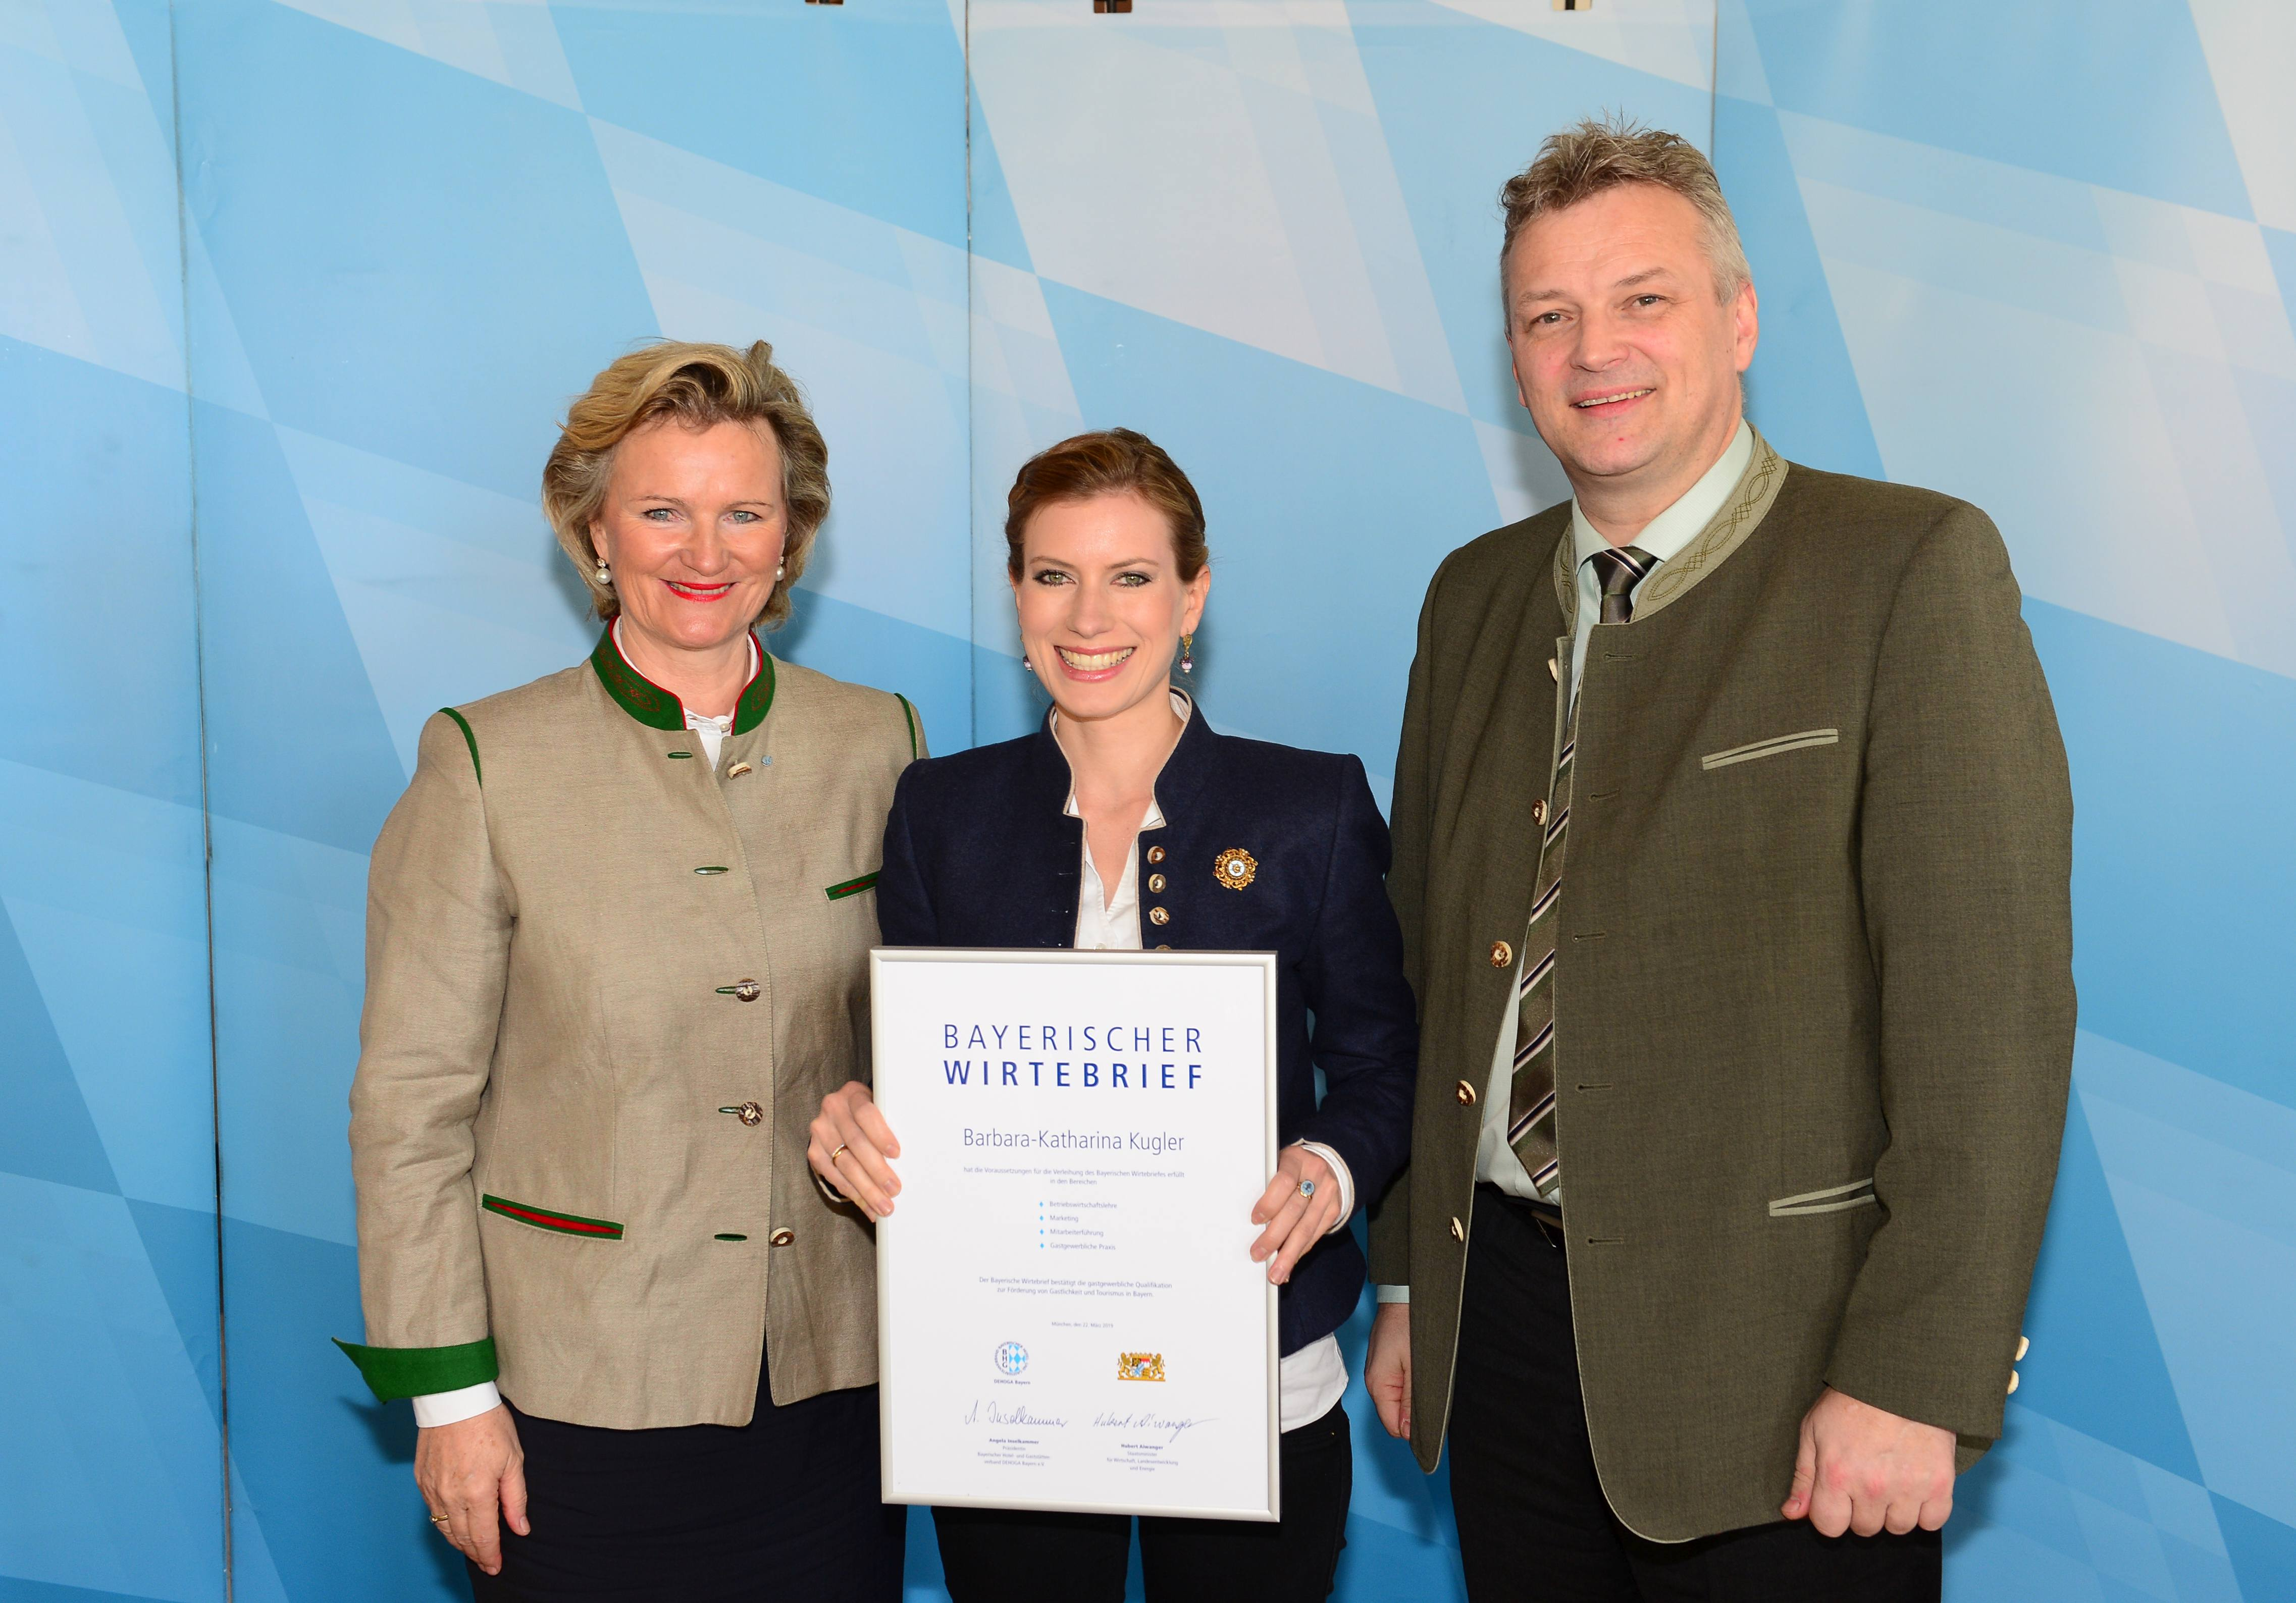 Barbara Kugler bei der Verleihung der Urkunde vom Bayrischen Wirtebrief